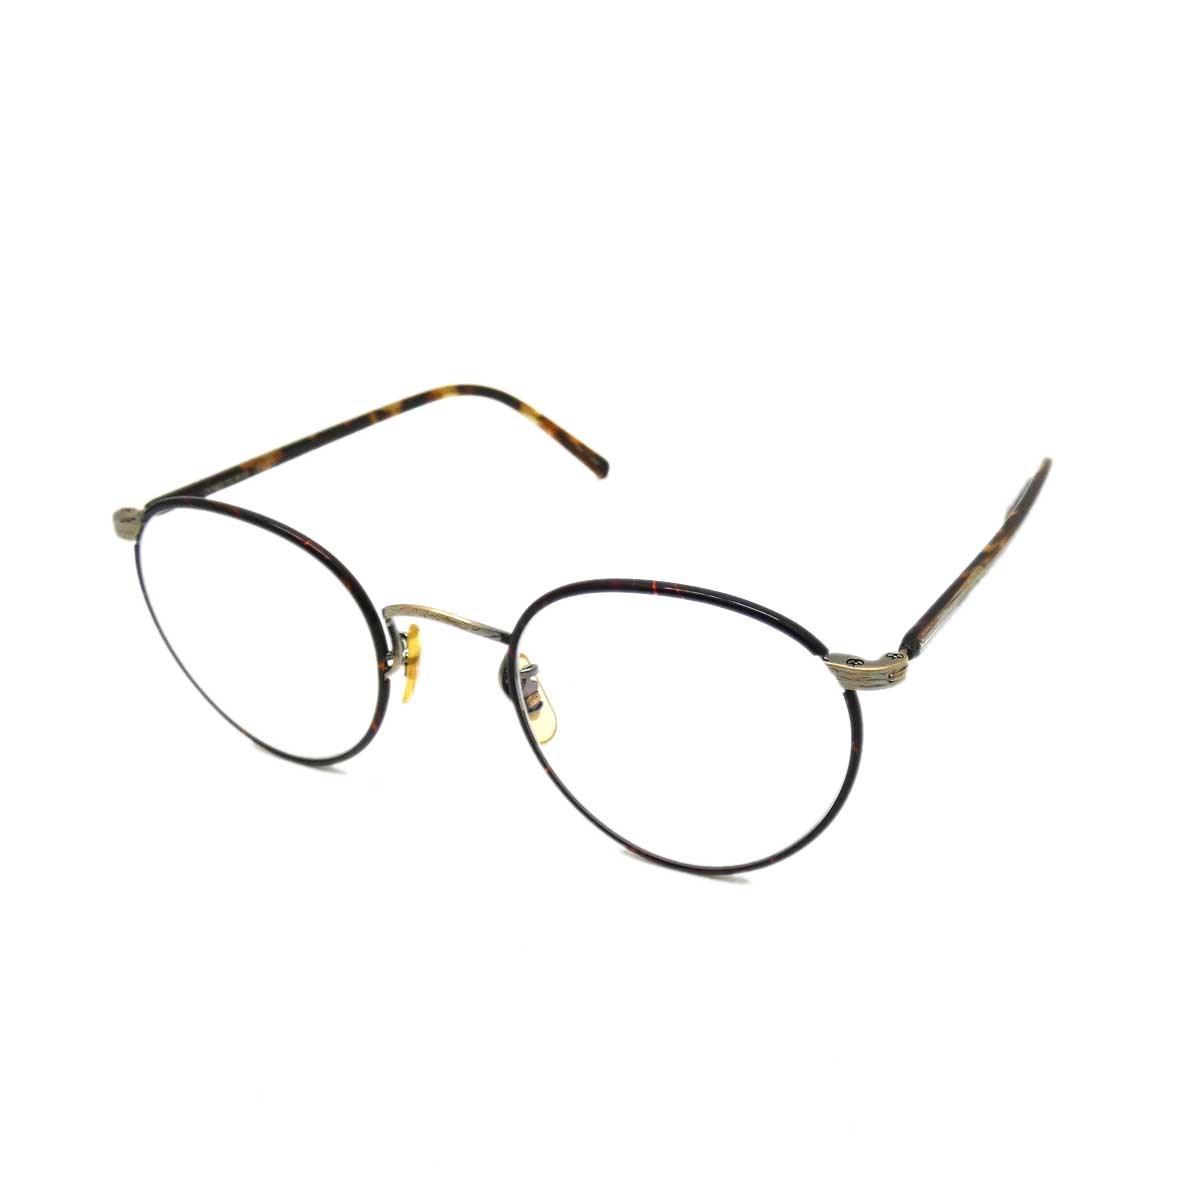 【中古】OLIVER PEOPLES OP-78R メガネ ブラウン サイズ:47□22 143 【090320】(オリバーピープルズ)